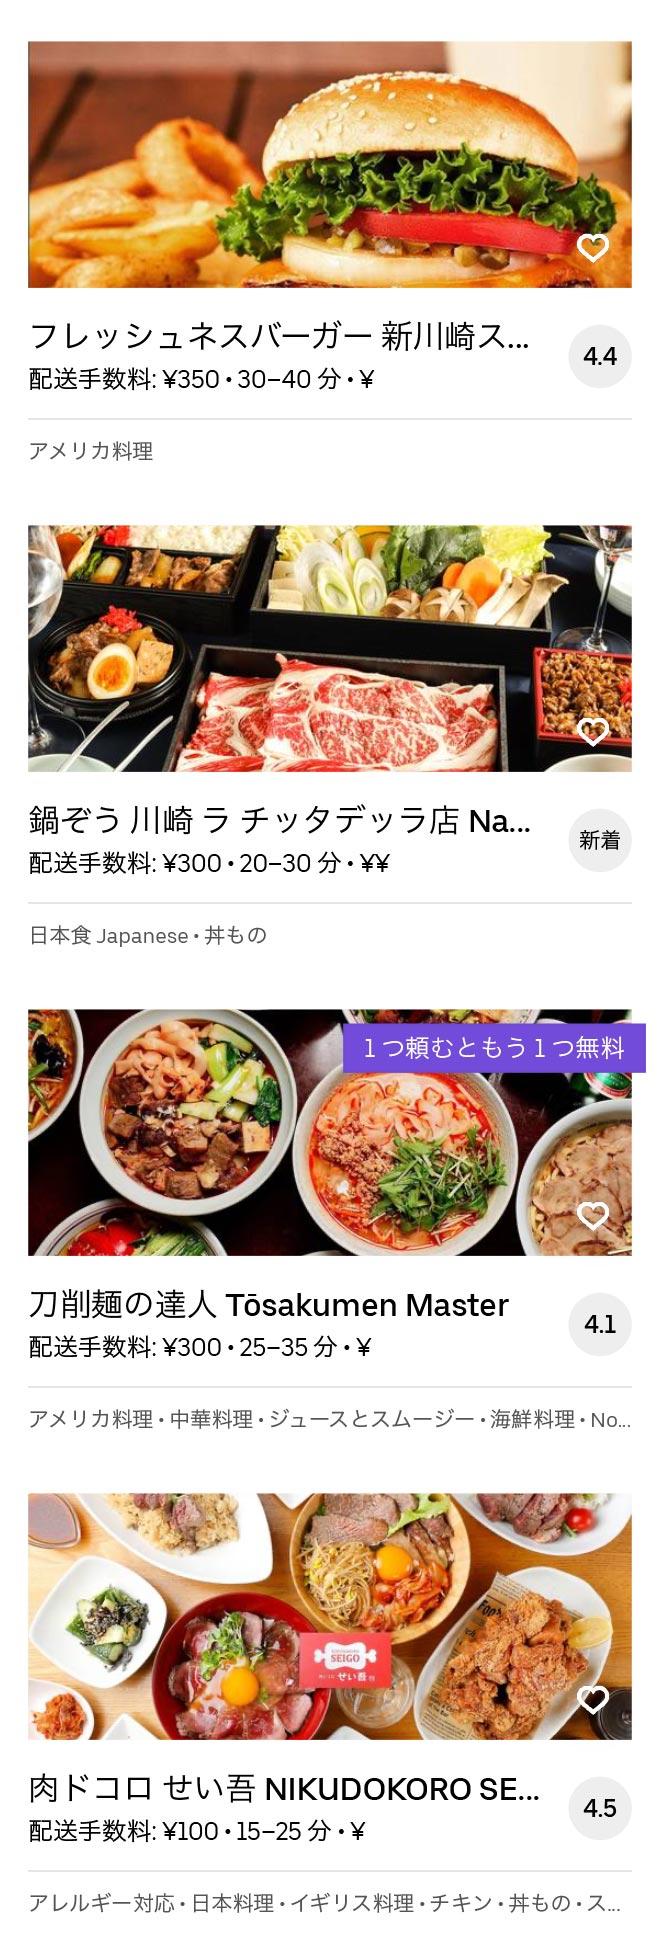 Yokohama tsurumi menu 2004 06